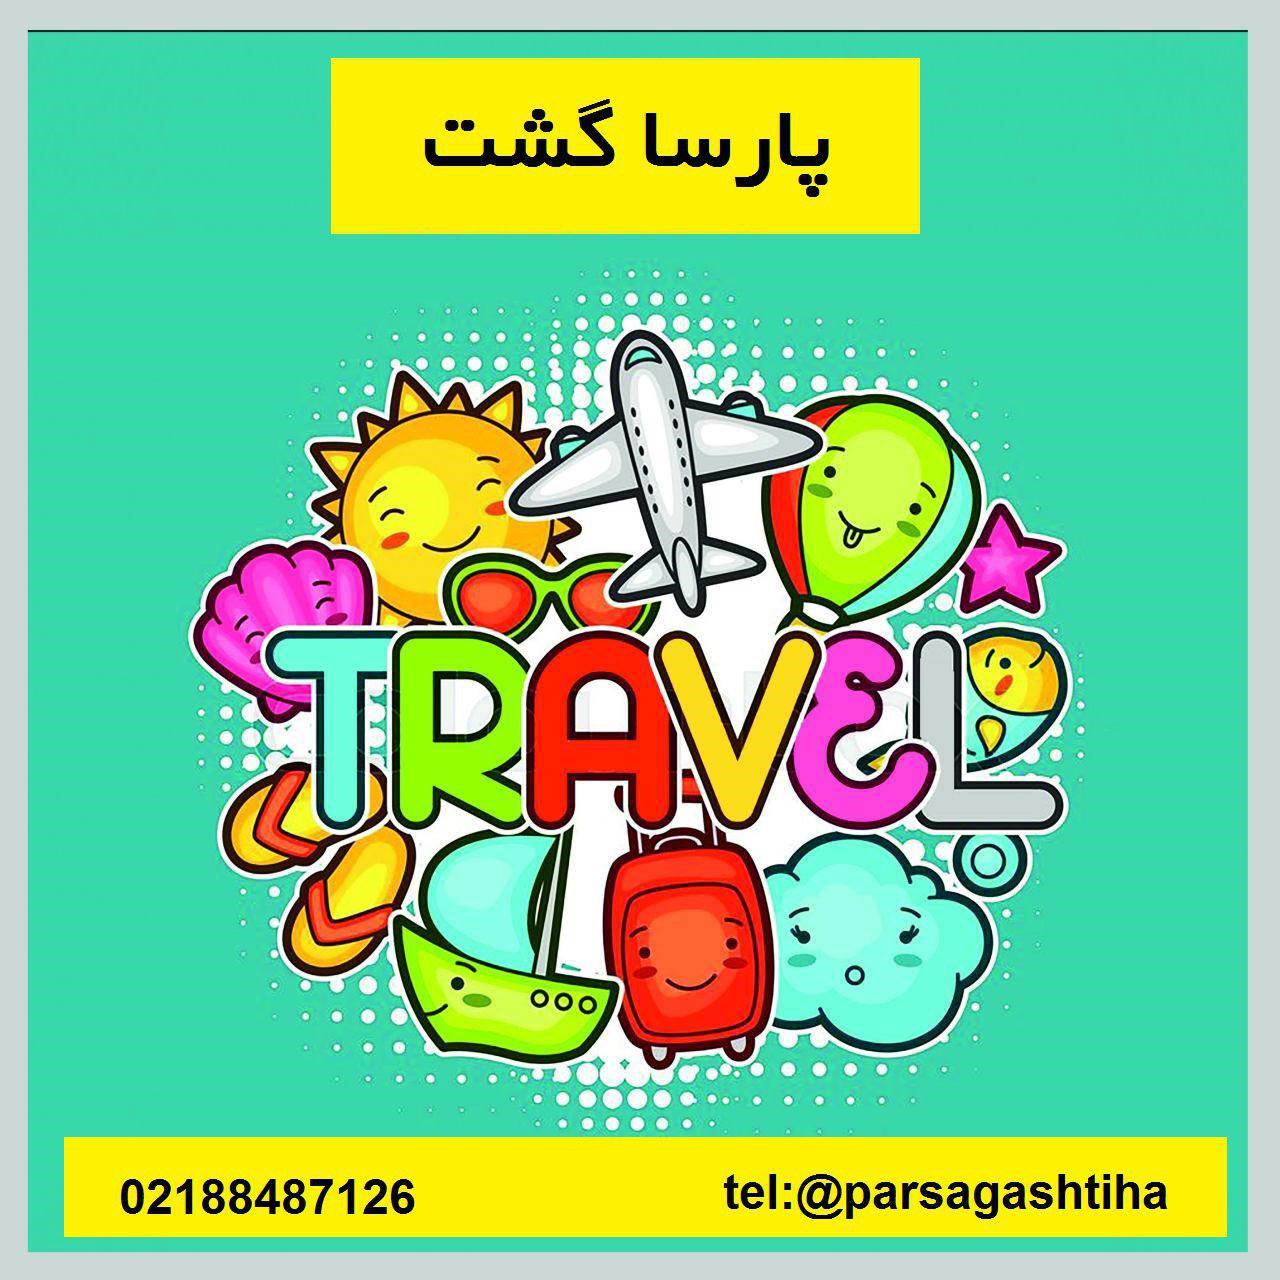 <br/>درخواست از شما کیفیت هتل و سایر خدمات از ما<br/>شرکت خدمات مسافرت هوایی و پارسا گشت  دارای مجوز بند (الف وب)از سازمان میراث فرهنگی و گردشگری در راستای اج tour-travel foreign-tour antalya